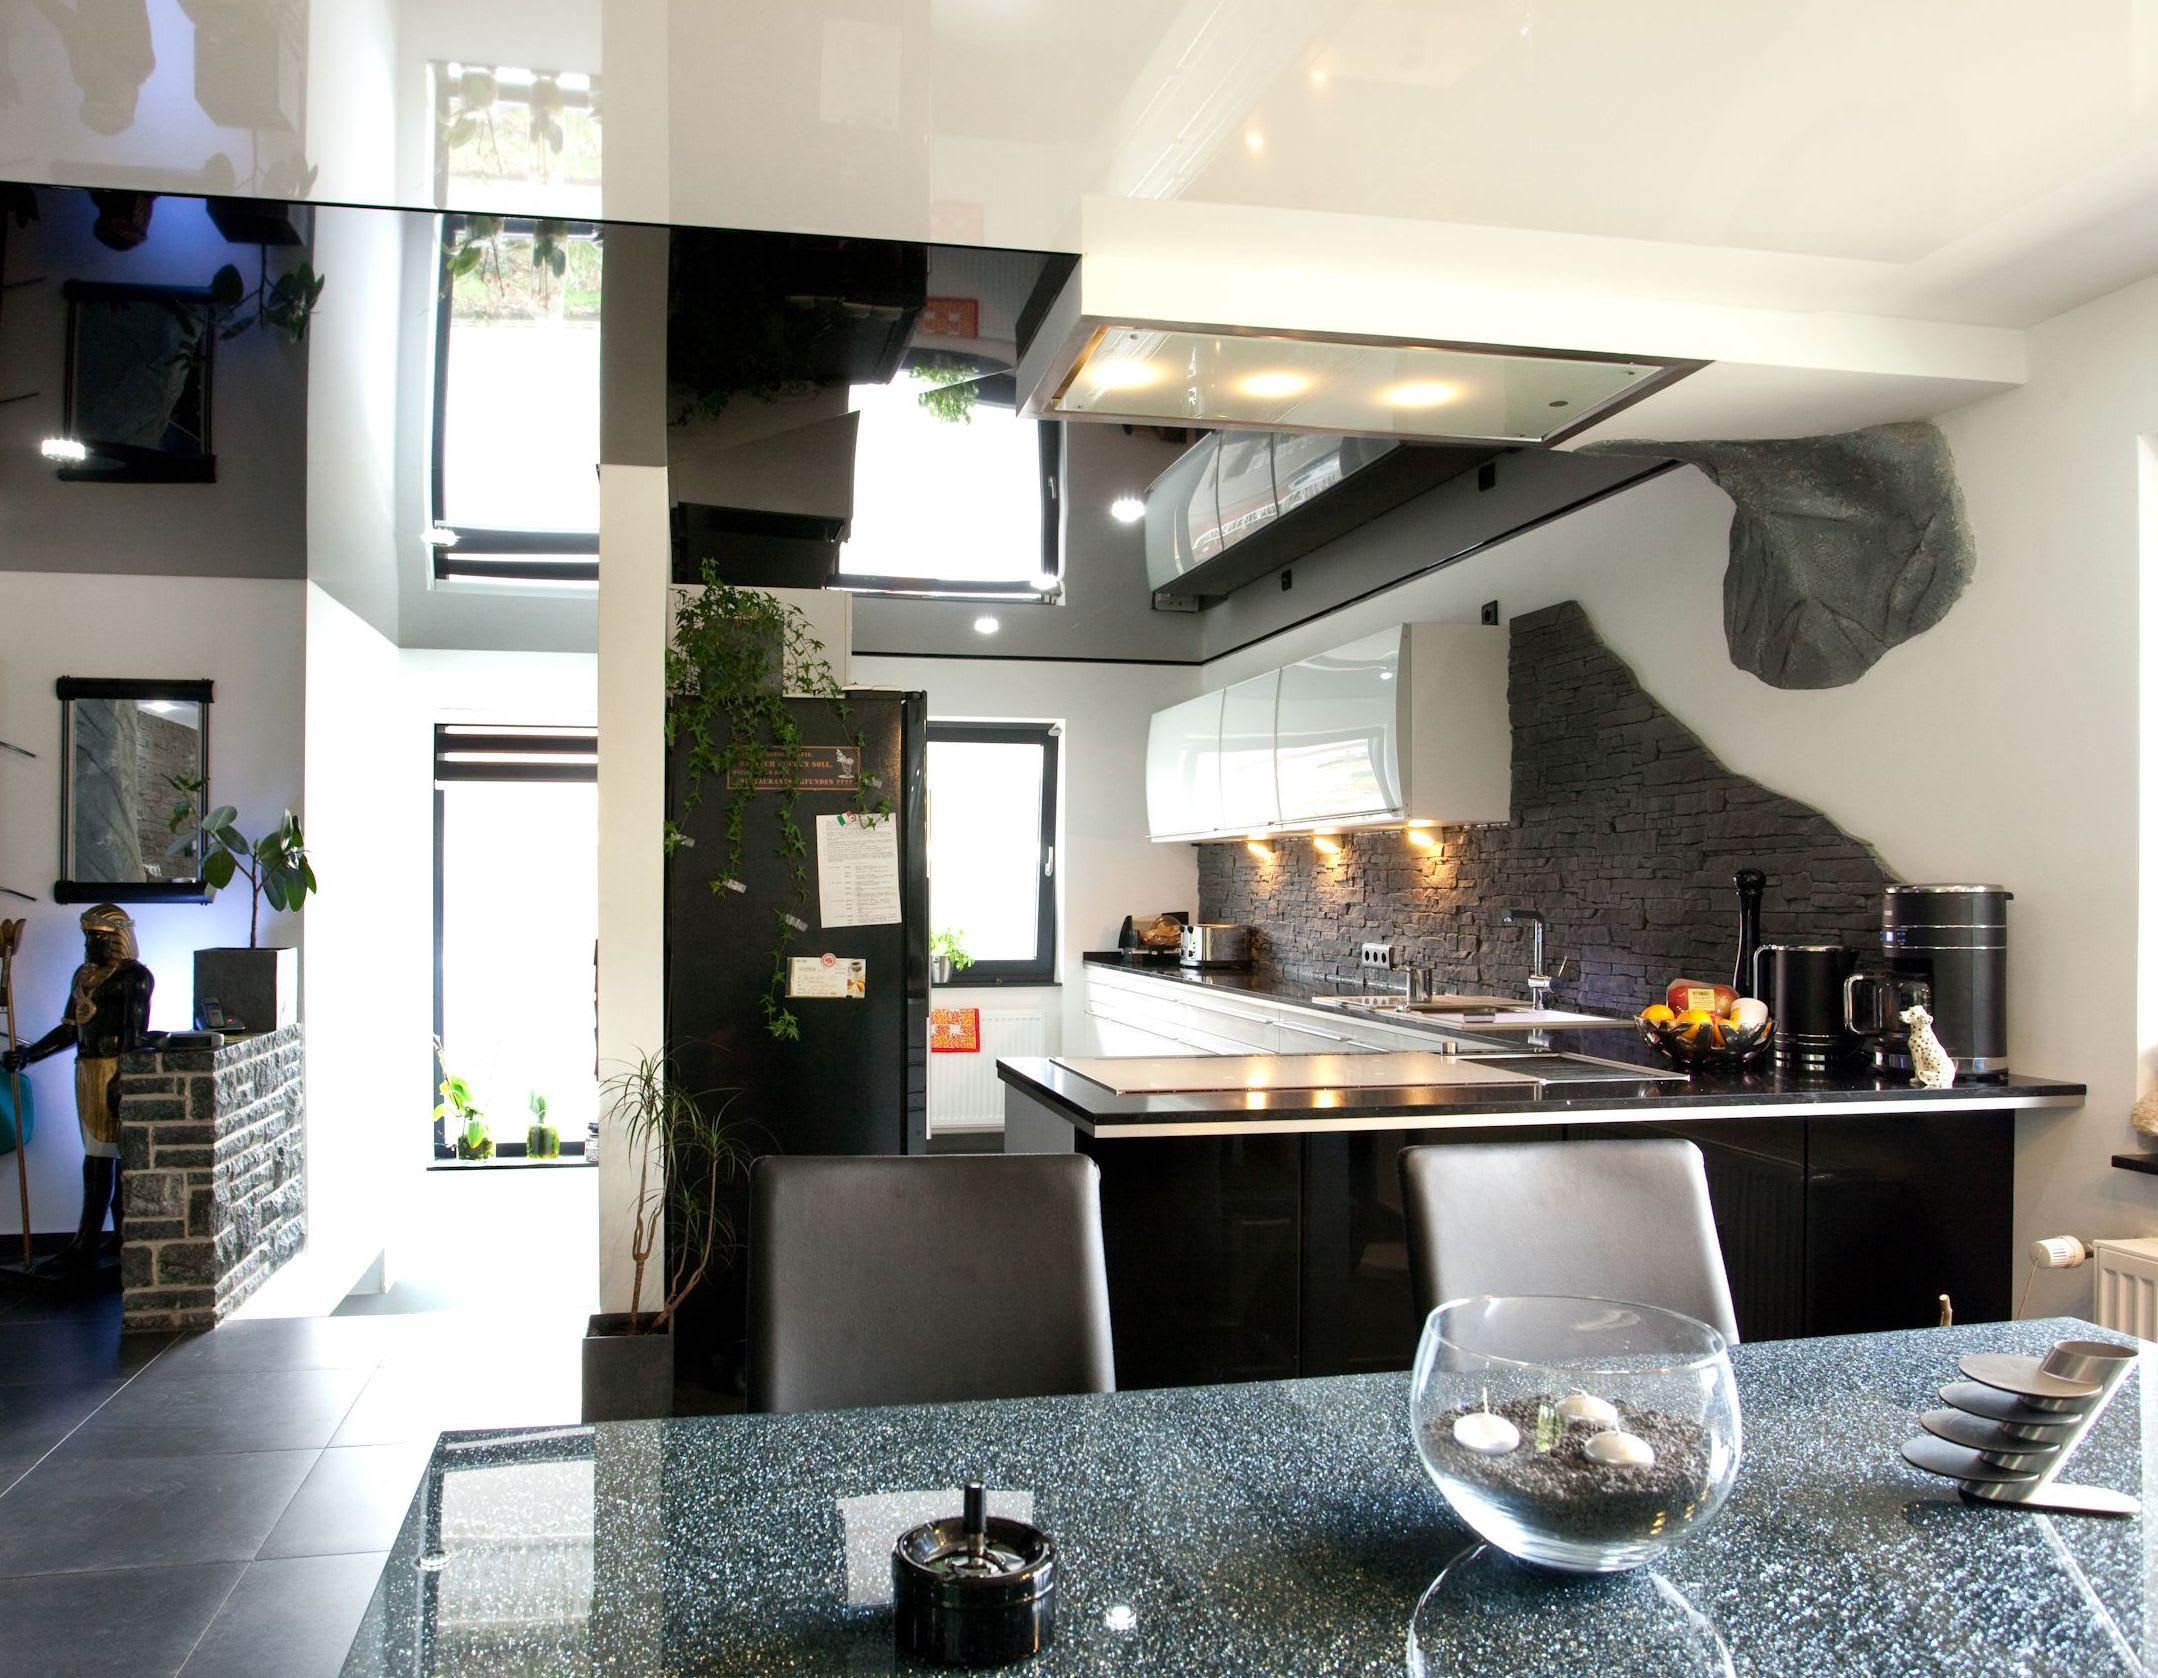 Küche und Esszimmer mit Spanndecke in hochwertigem Design